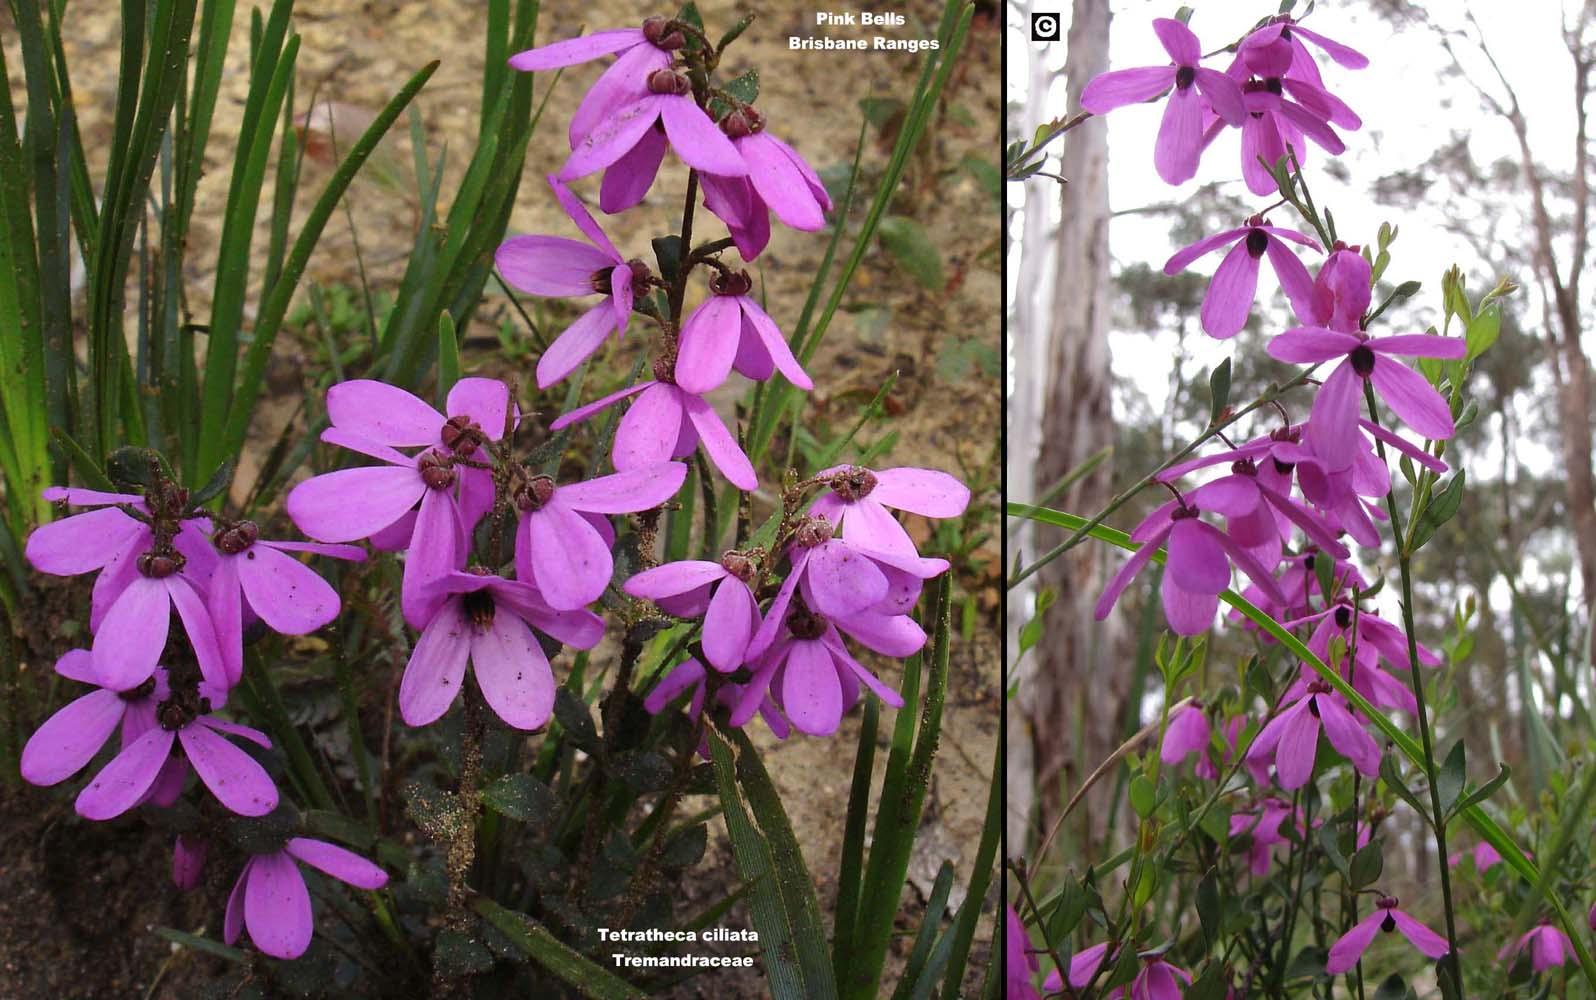 Tetratheca ciliata flora ALA source